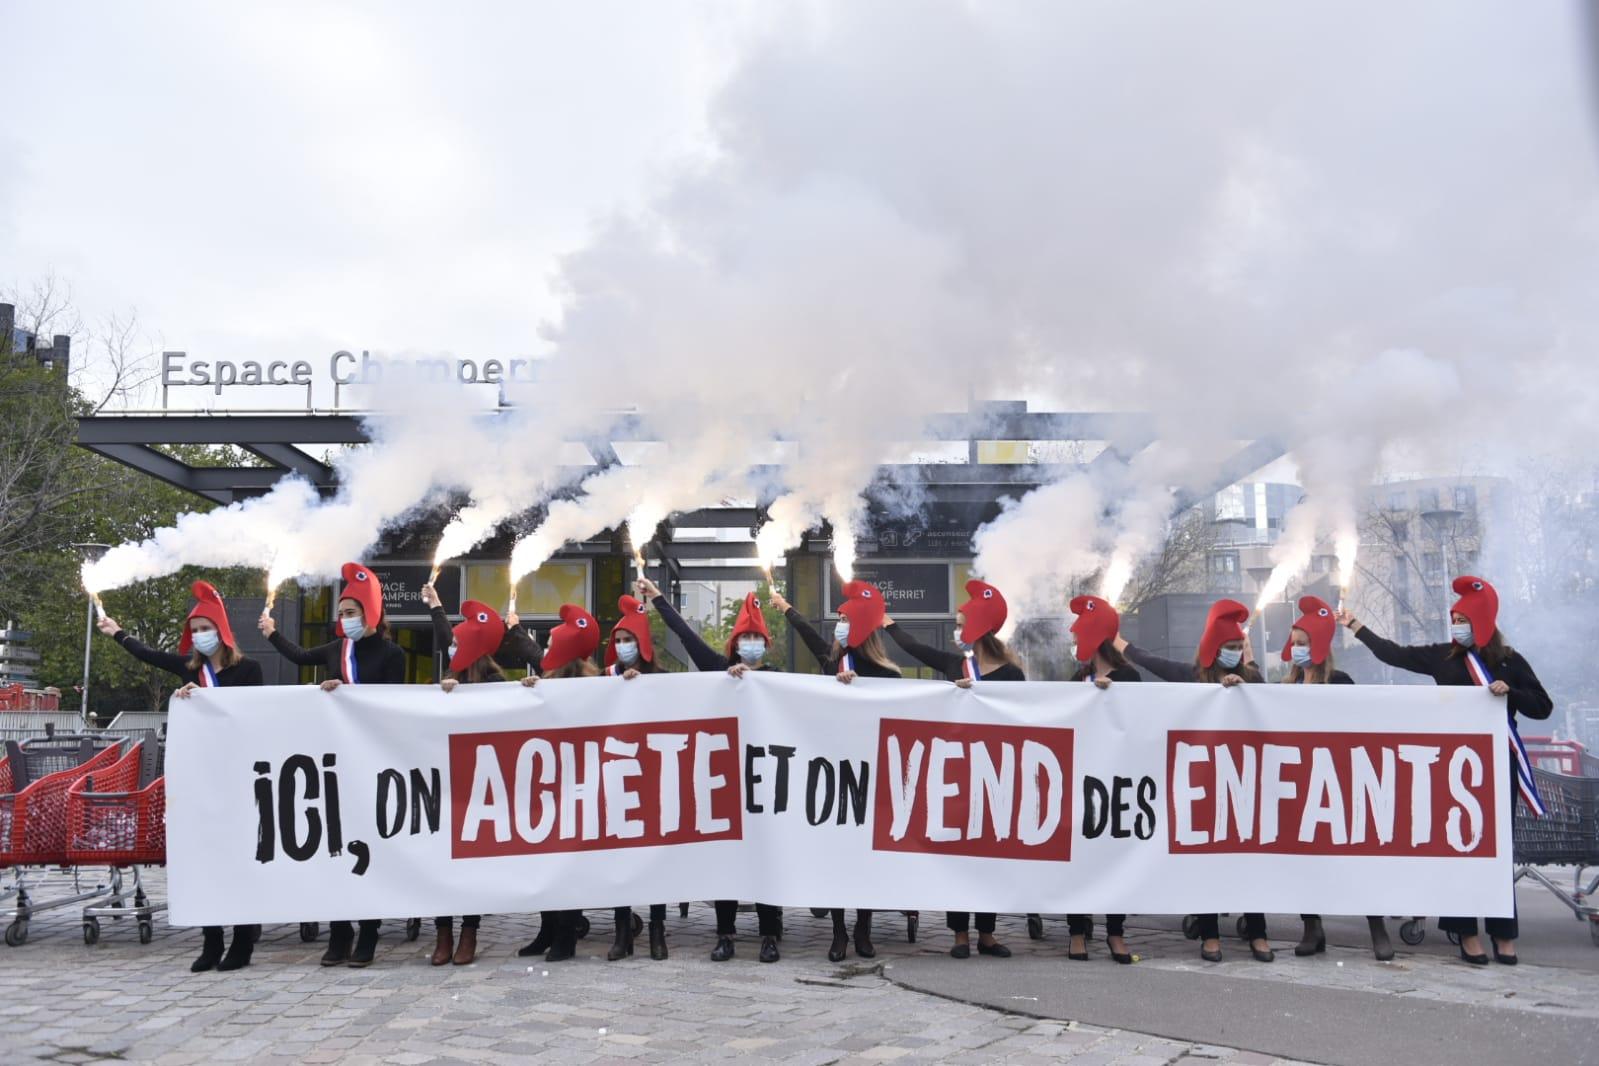 Image - Non à la commande d'enfants en plein cœur de Paris